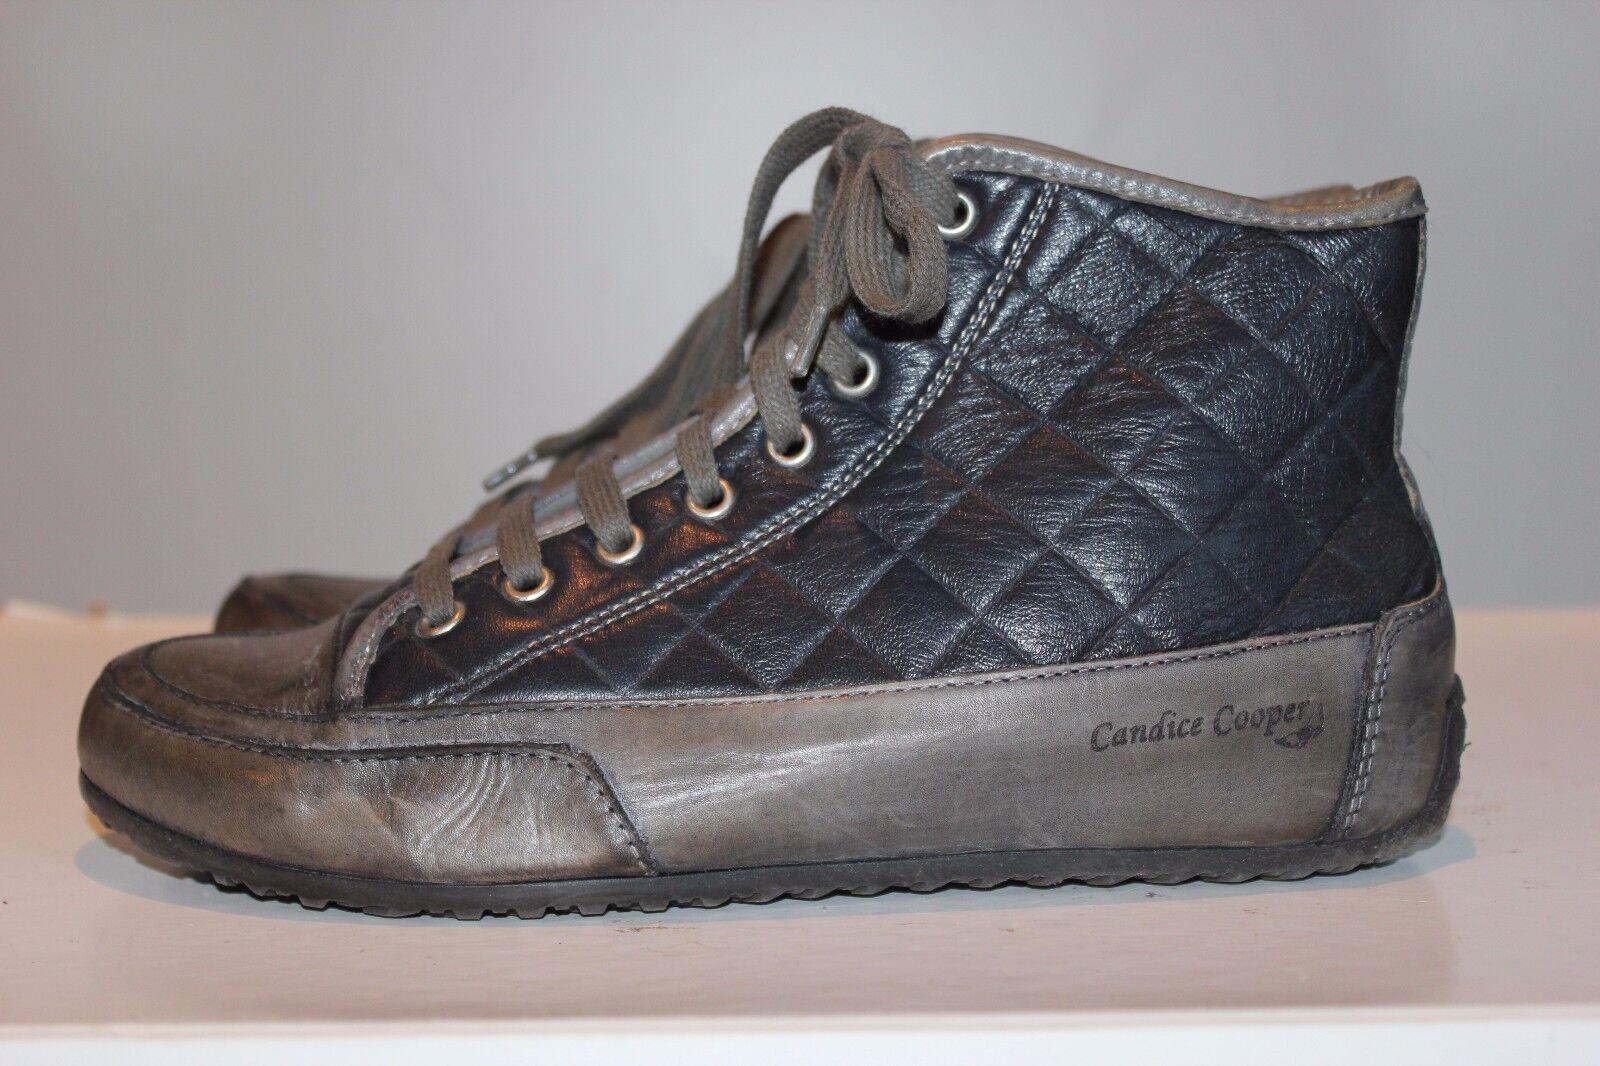 Candice Cooper sueño negro cuero cuero cuero auténtico zapatillas de deporte, talla 38, impecable  forma única